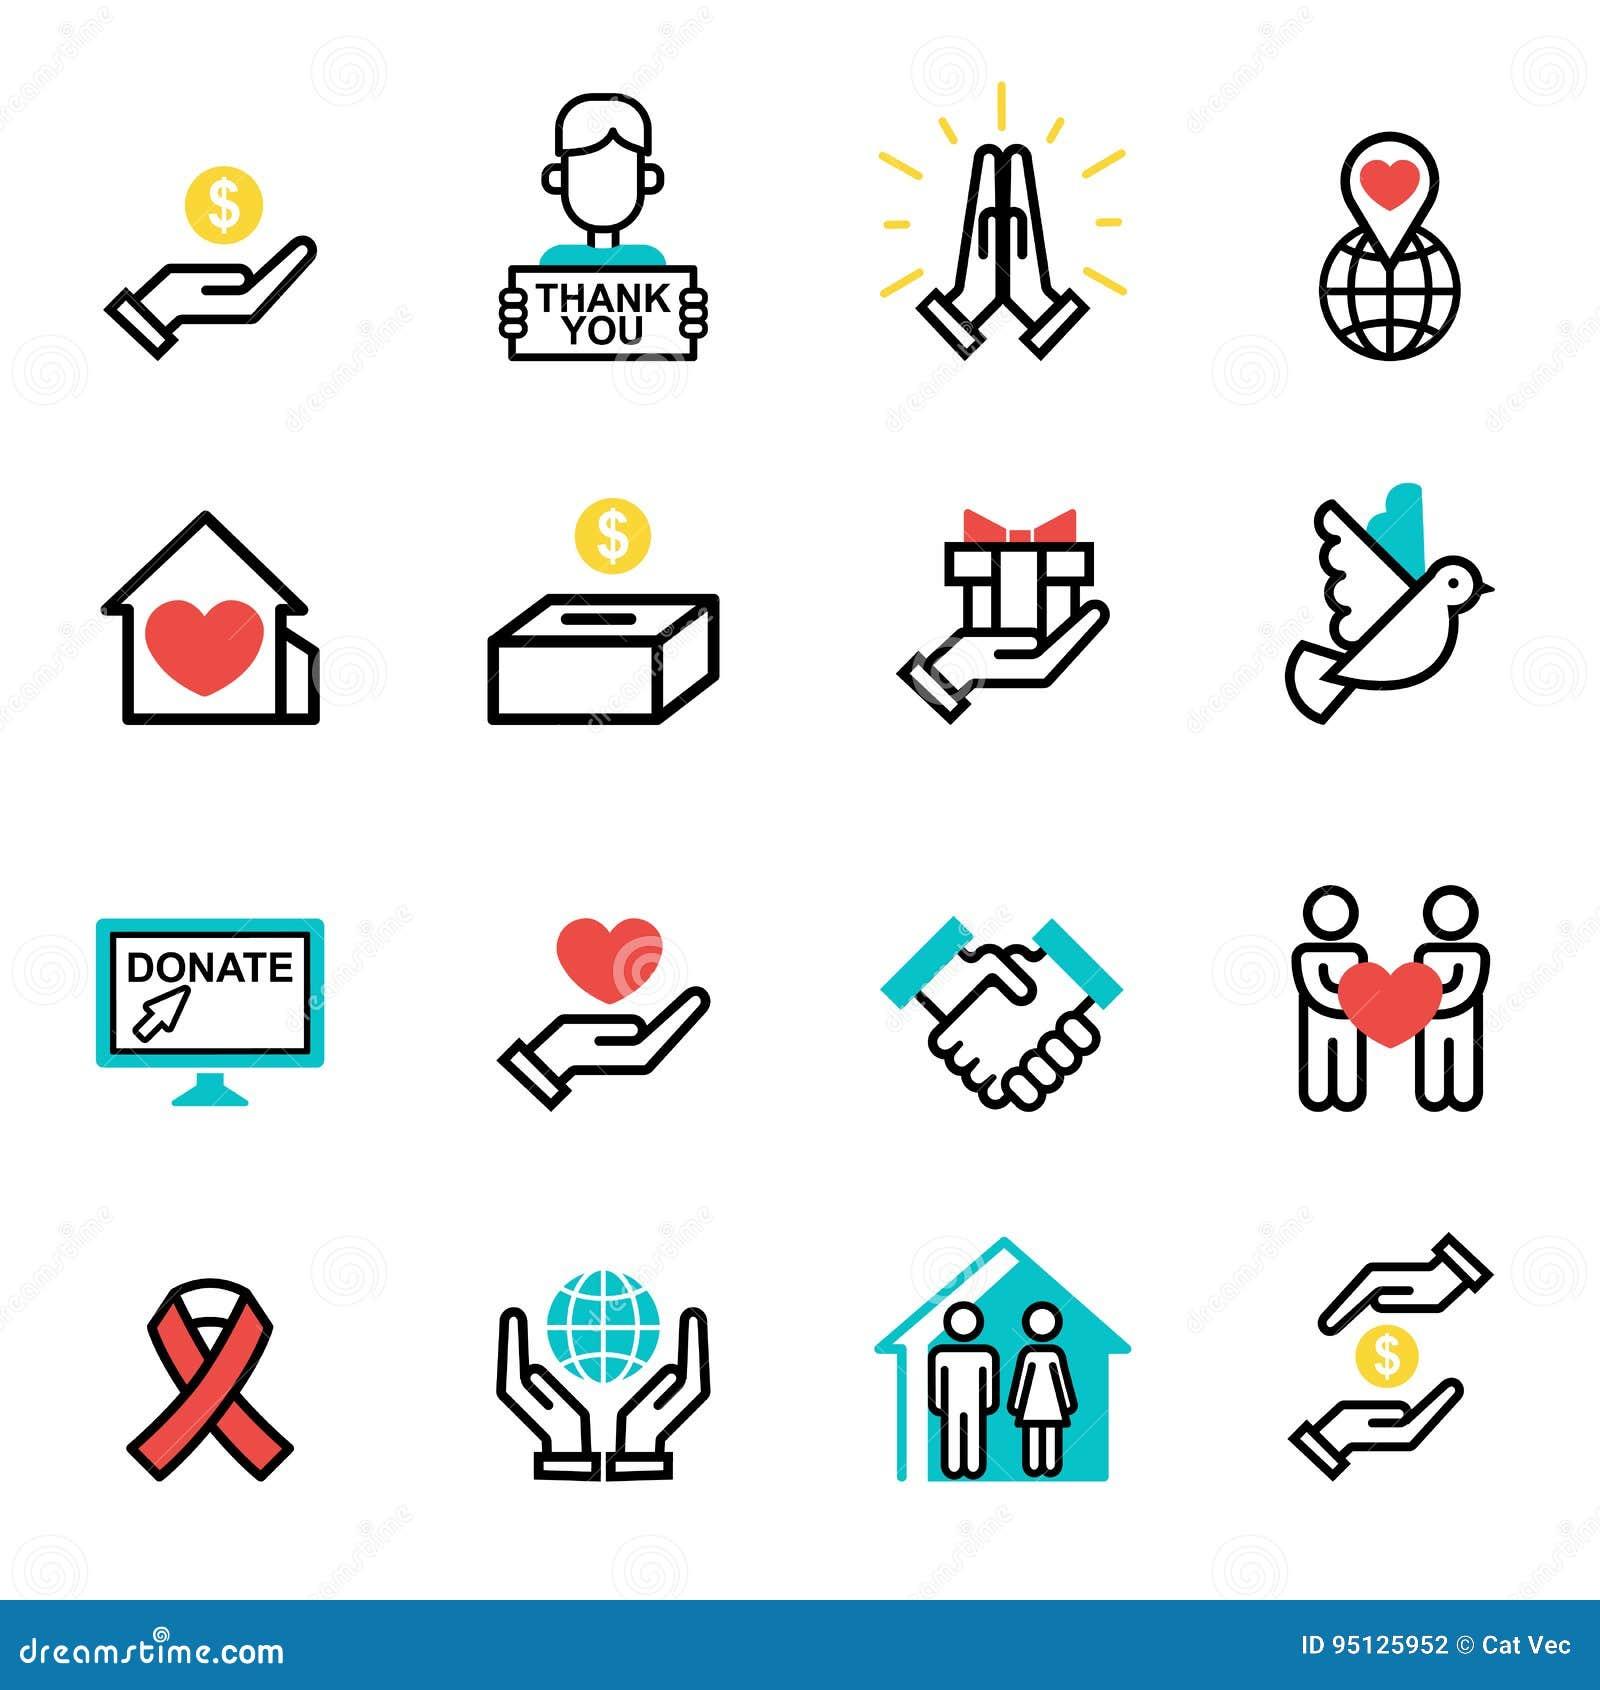 Doe vetor ajustado do apoio da humanidade dos símbolos da filantropia da caridade da contribuição da doação do ícone da ajuda dos